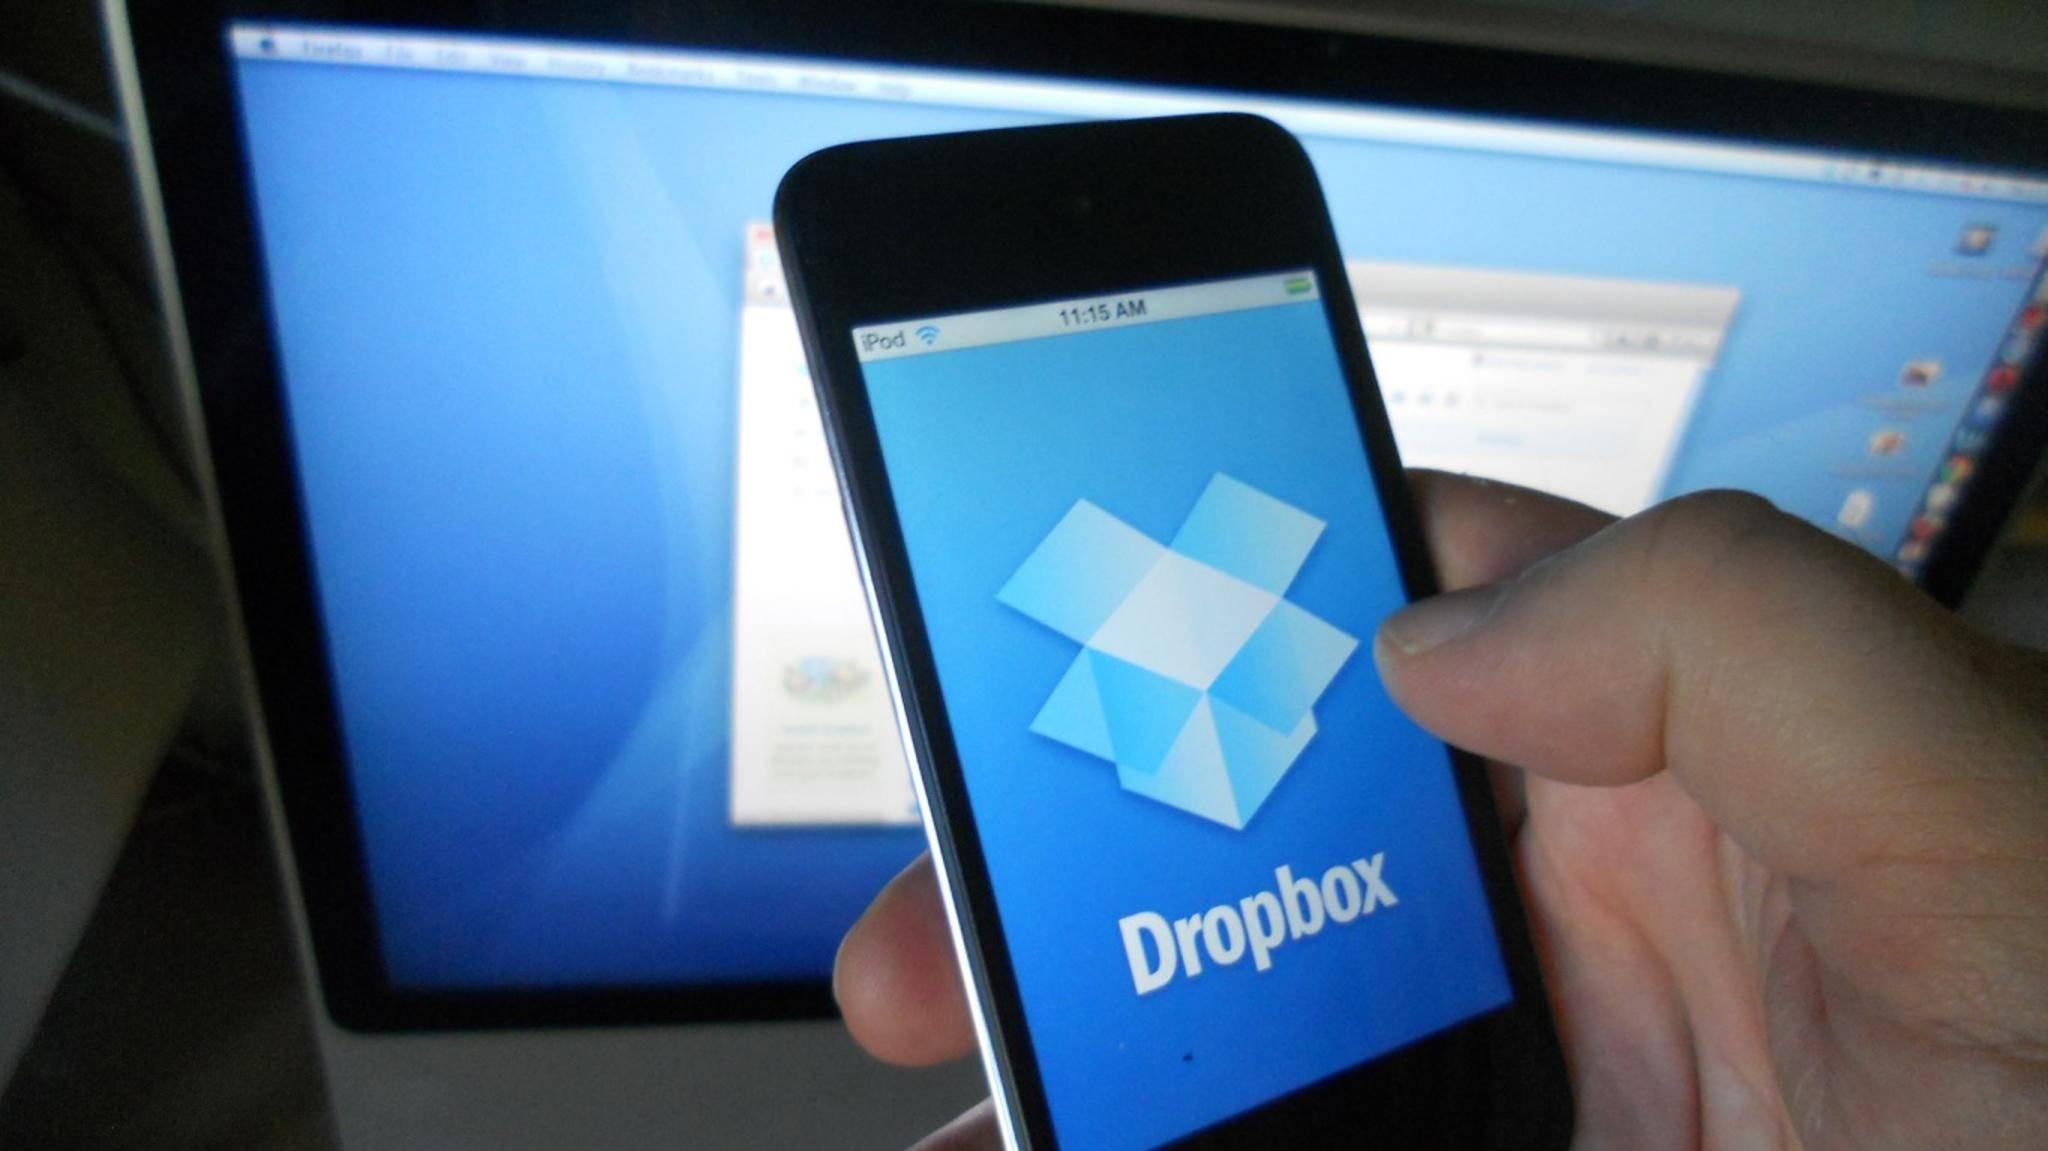 Cloudspeicher wie Dropbox sind die wohl einfachste Lösung für das Teilen großer Dateien.